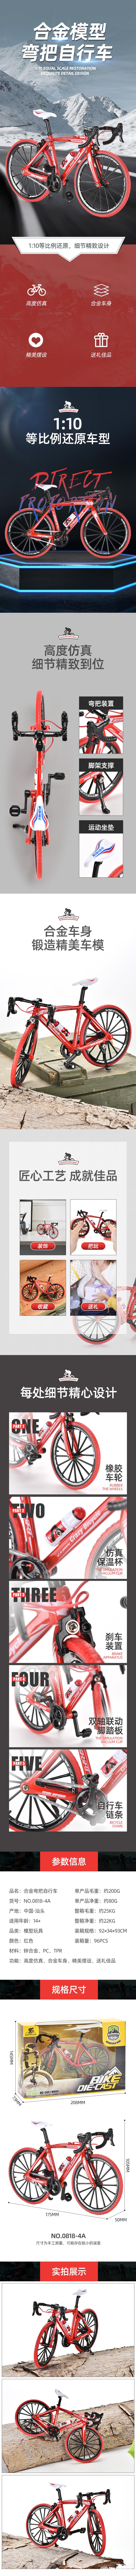 子悦玩具厂-(0818-4A)-合金弯把自行车-中文详情页.jpg